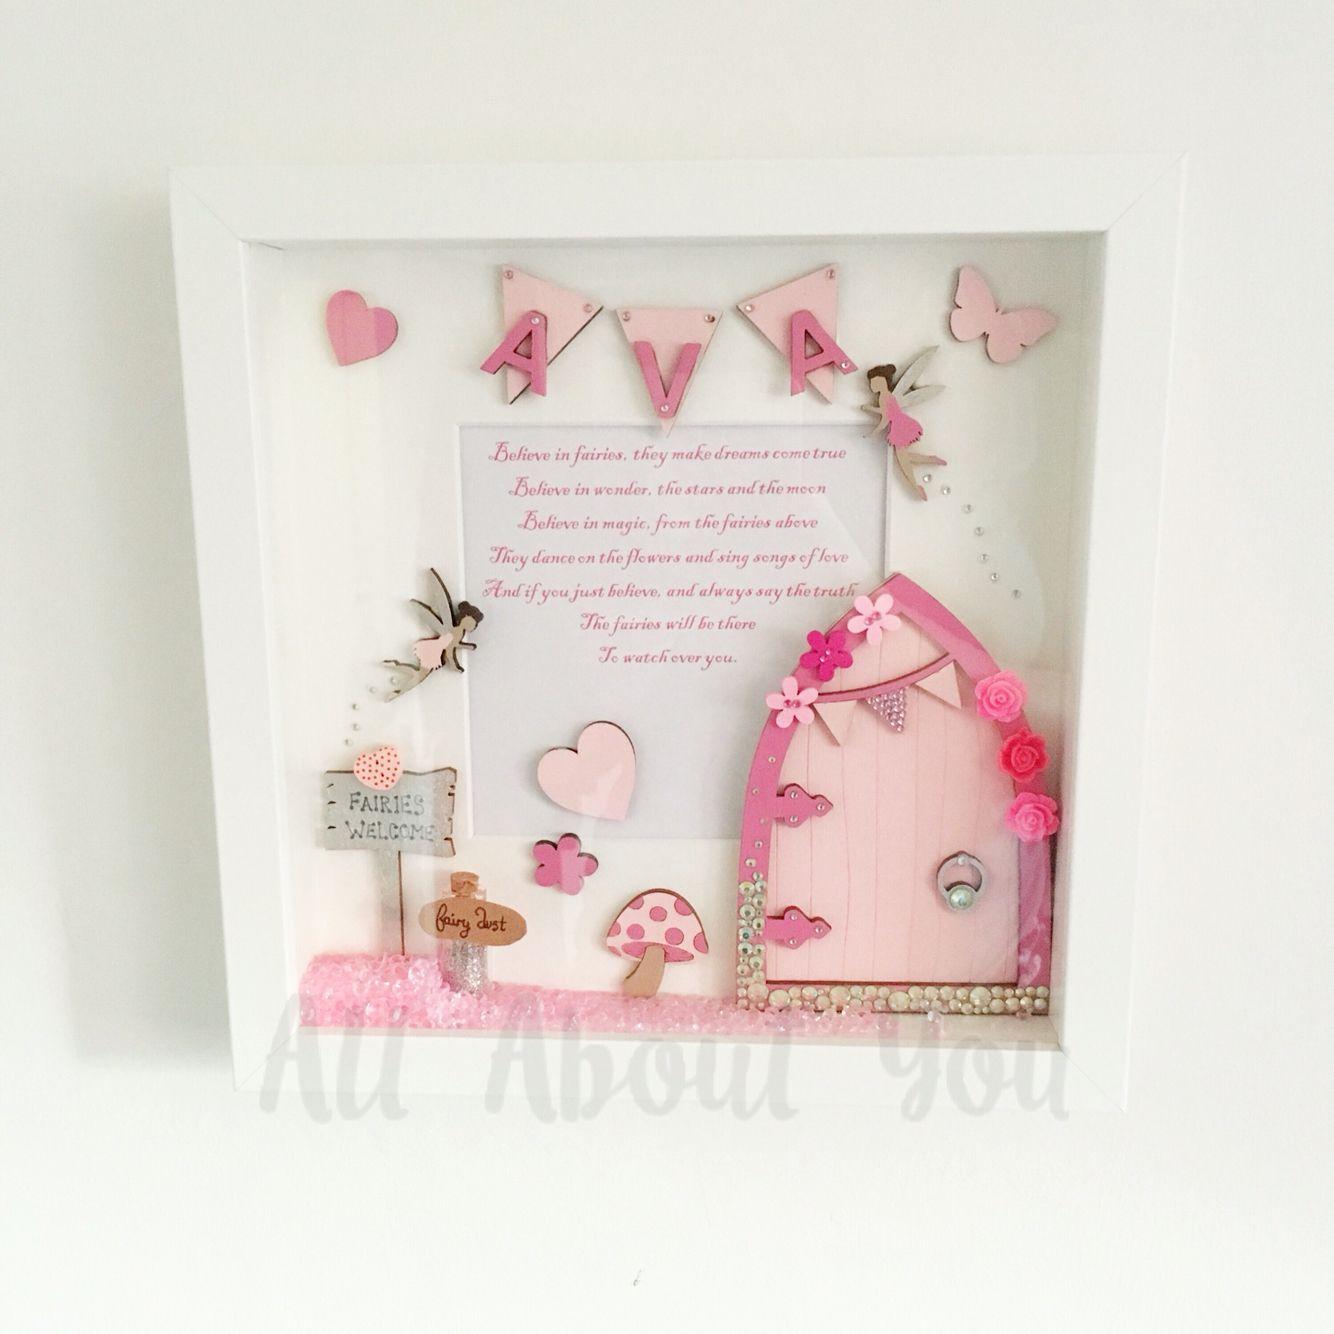 Girly Bedroom Decor Girls Bedroom Door Bedroom Design Plan Inside House Background Bedroom: So Girly! Pink Fairy Door Frame.